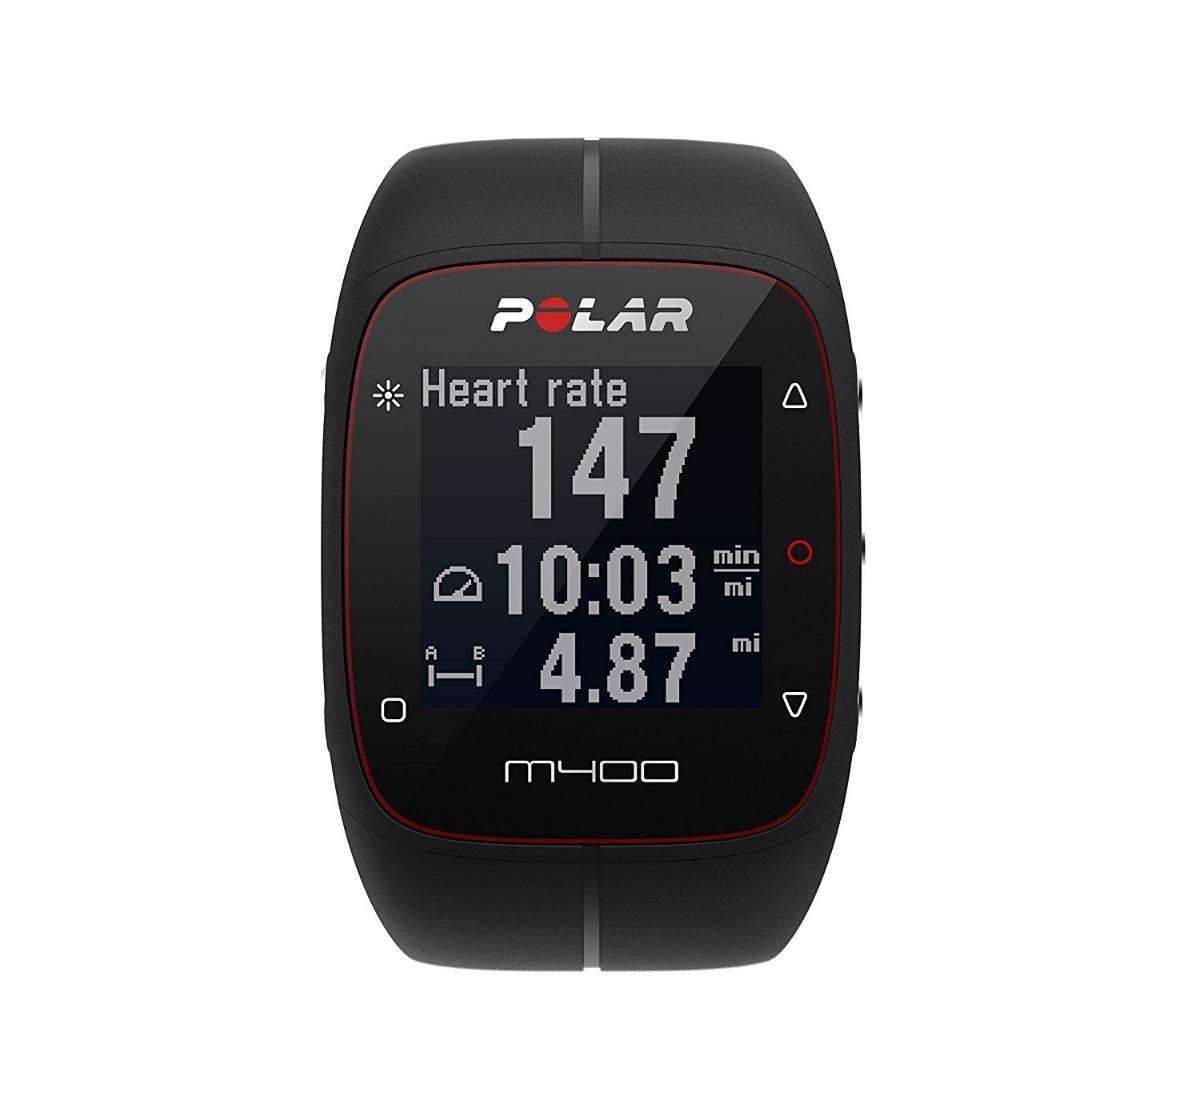 2268878a5a02 pulsometro polar m400 - reloj de entrenamiento con gps. Cargando zoom.